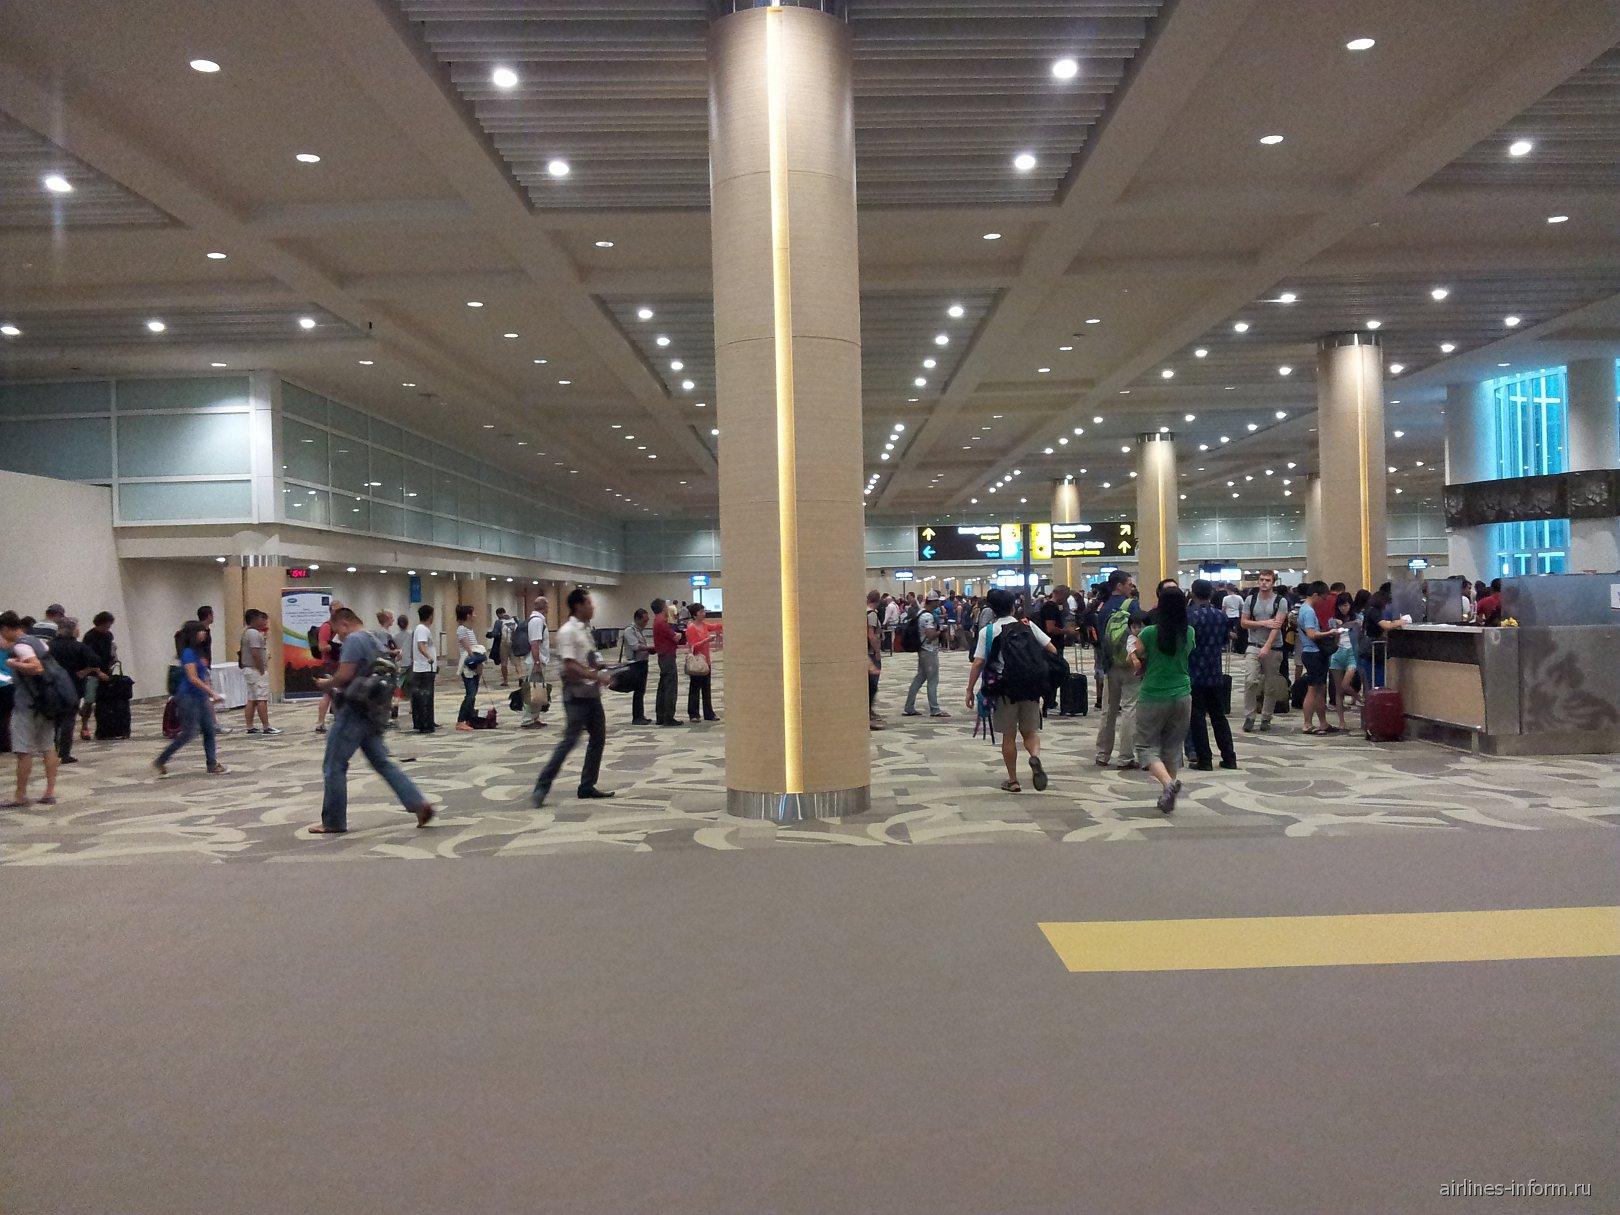 Зал прилета в аэропорту Денпасар Нгура Рай